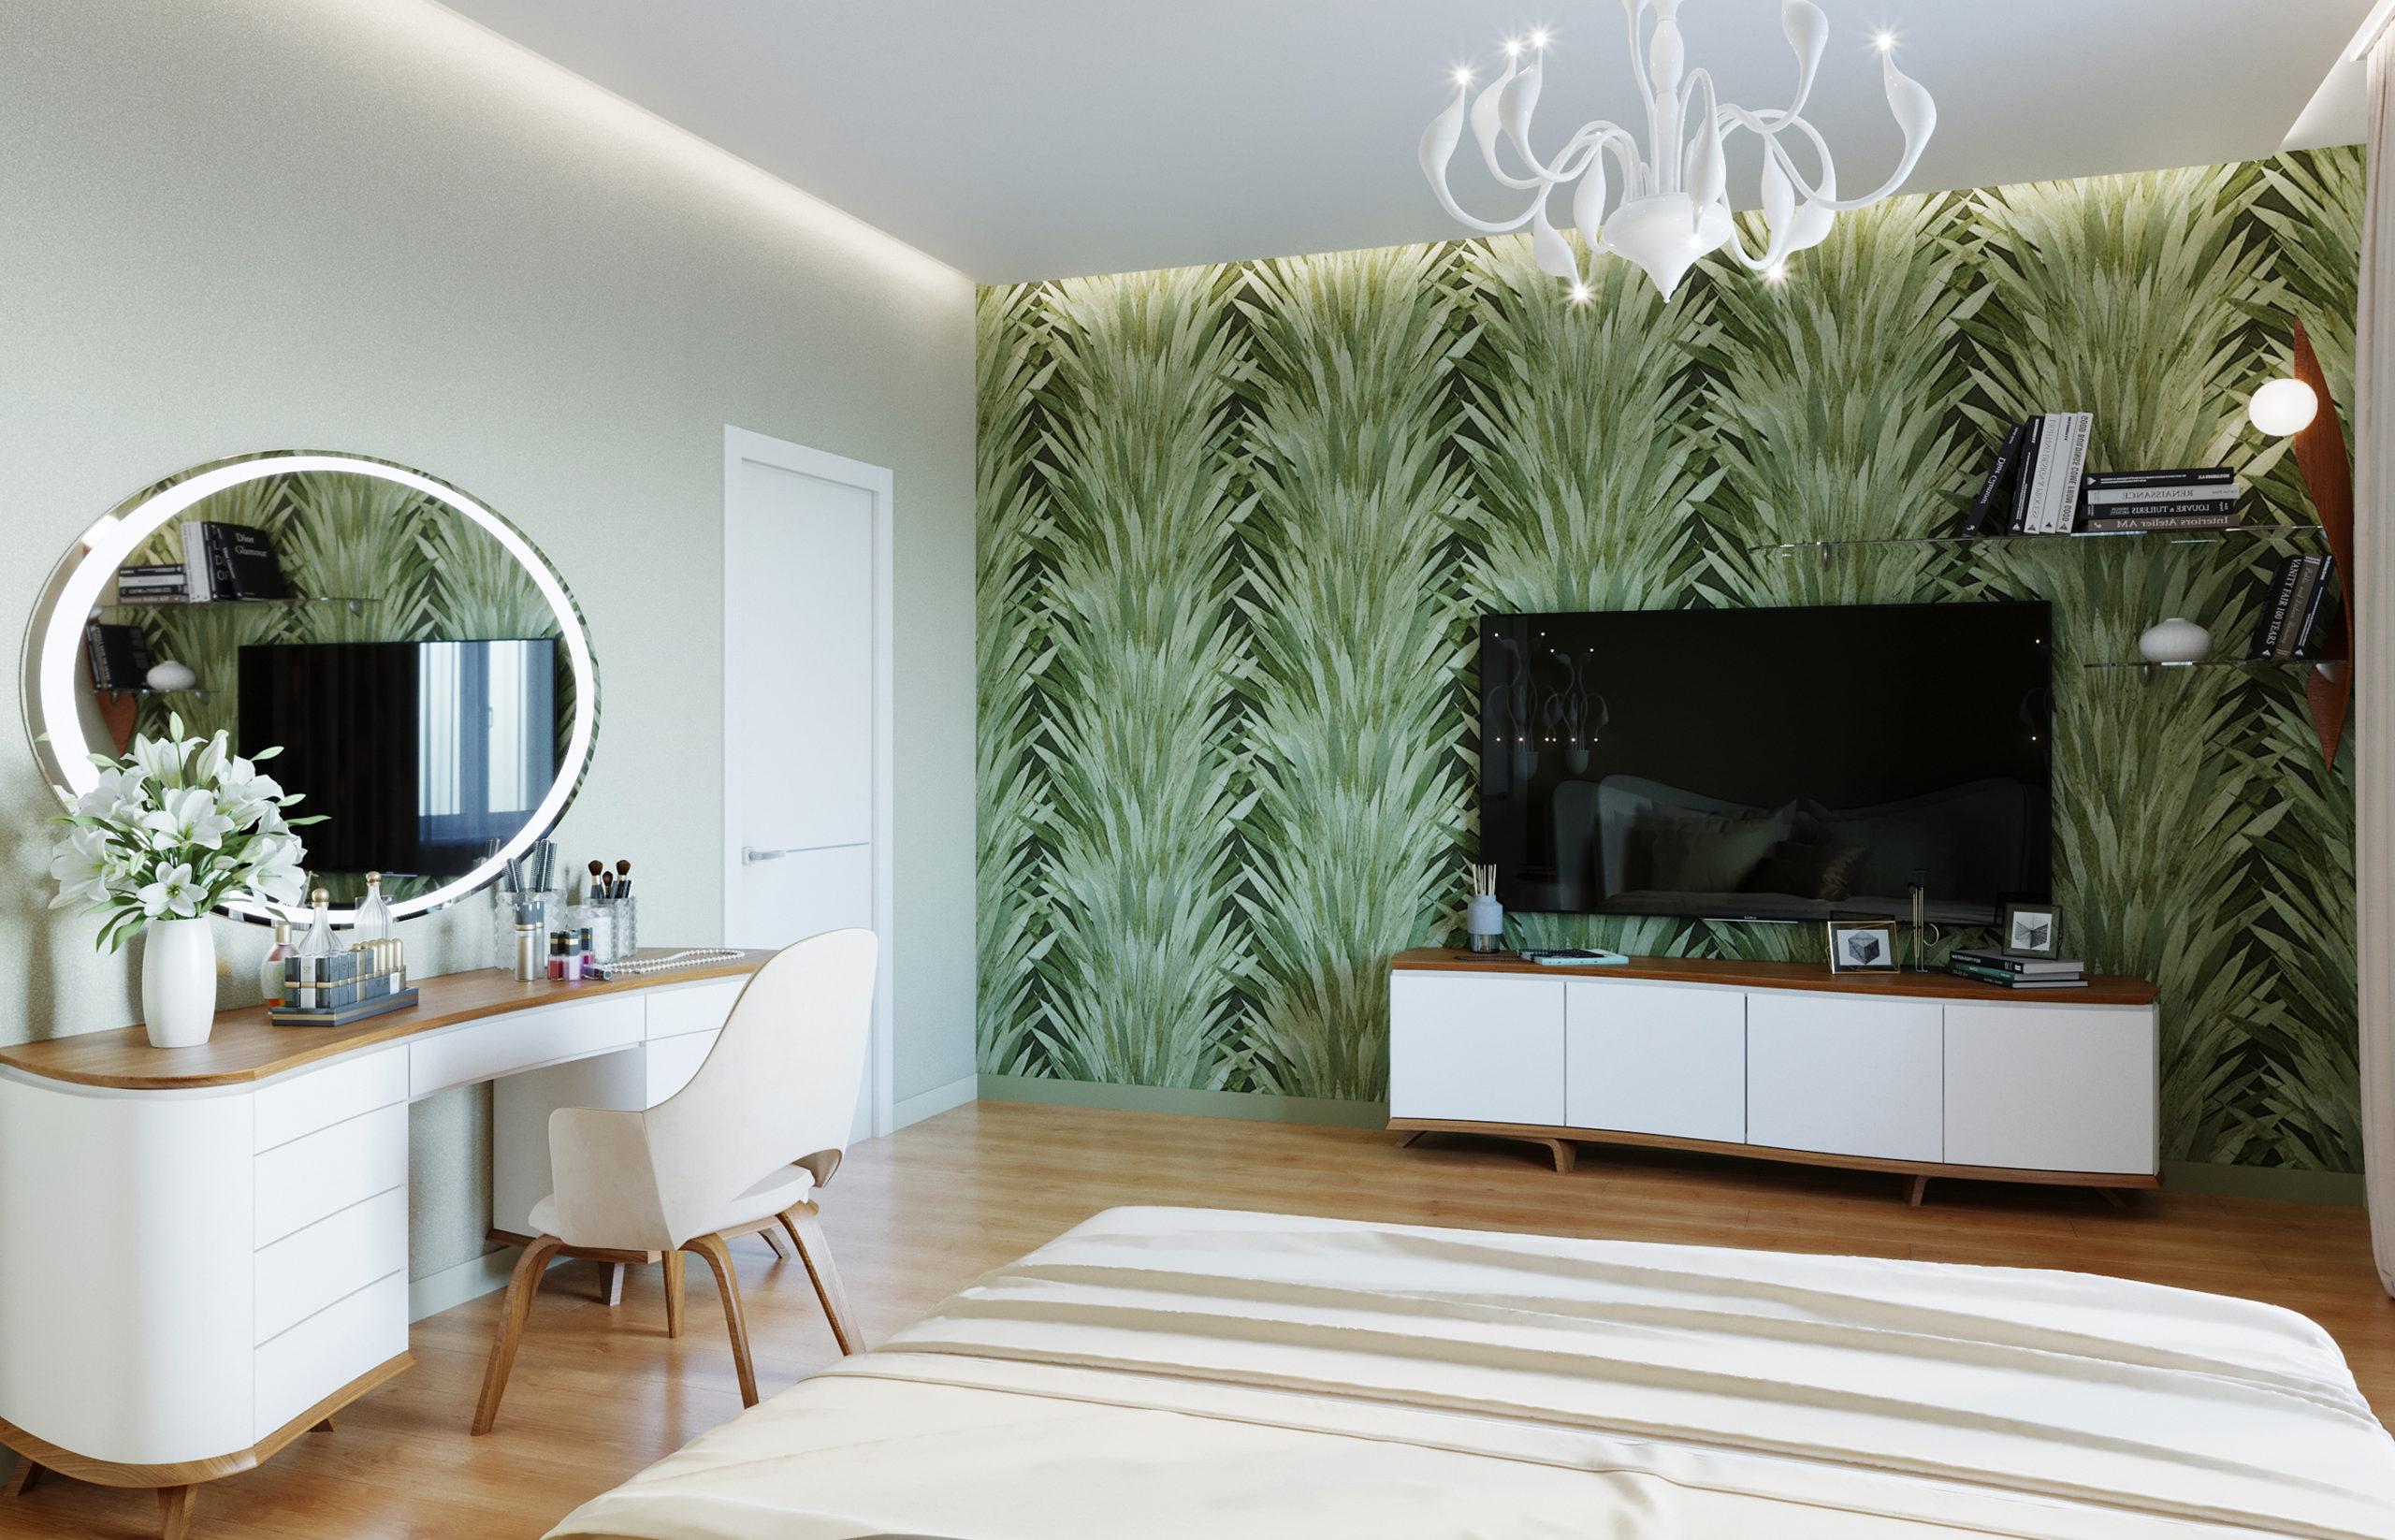 Обои с тропическим рисунком в интерьере спальни